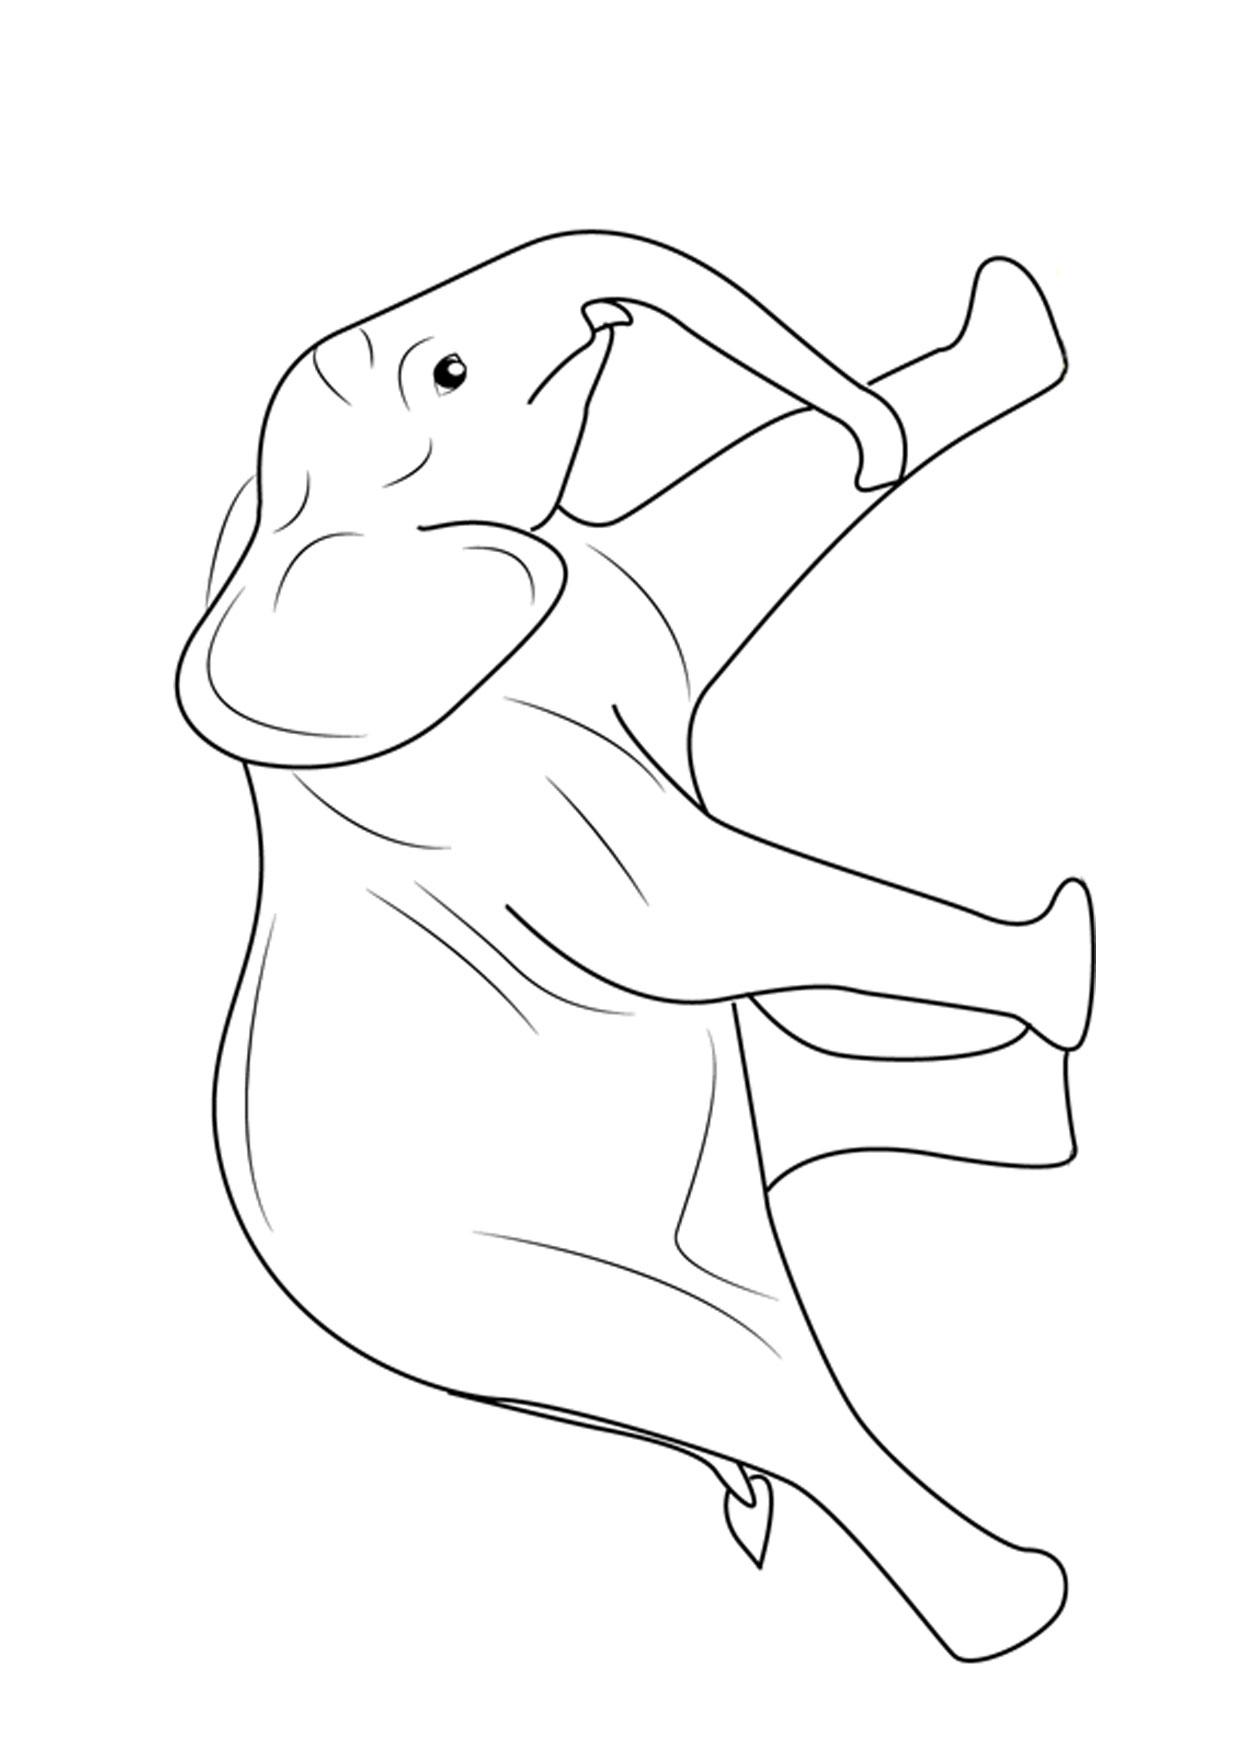 Disegno di elefanti da colorare 03